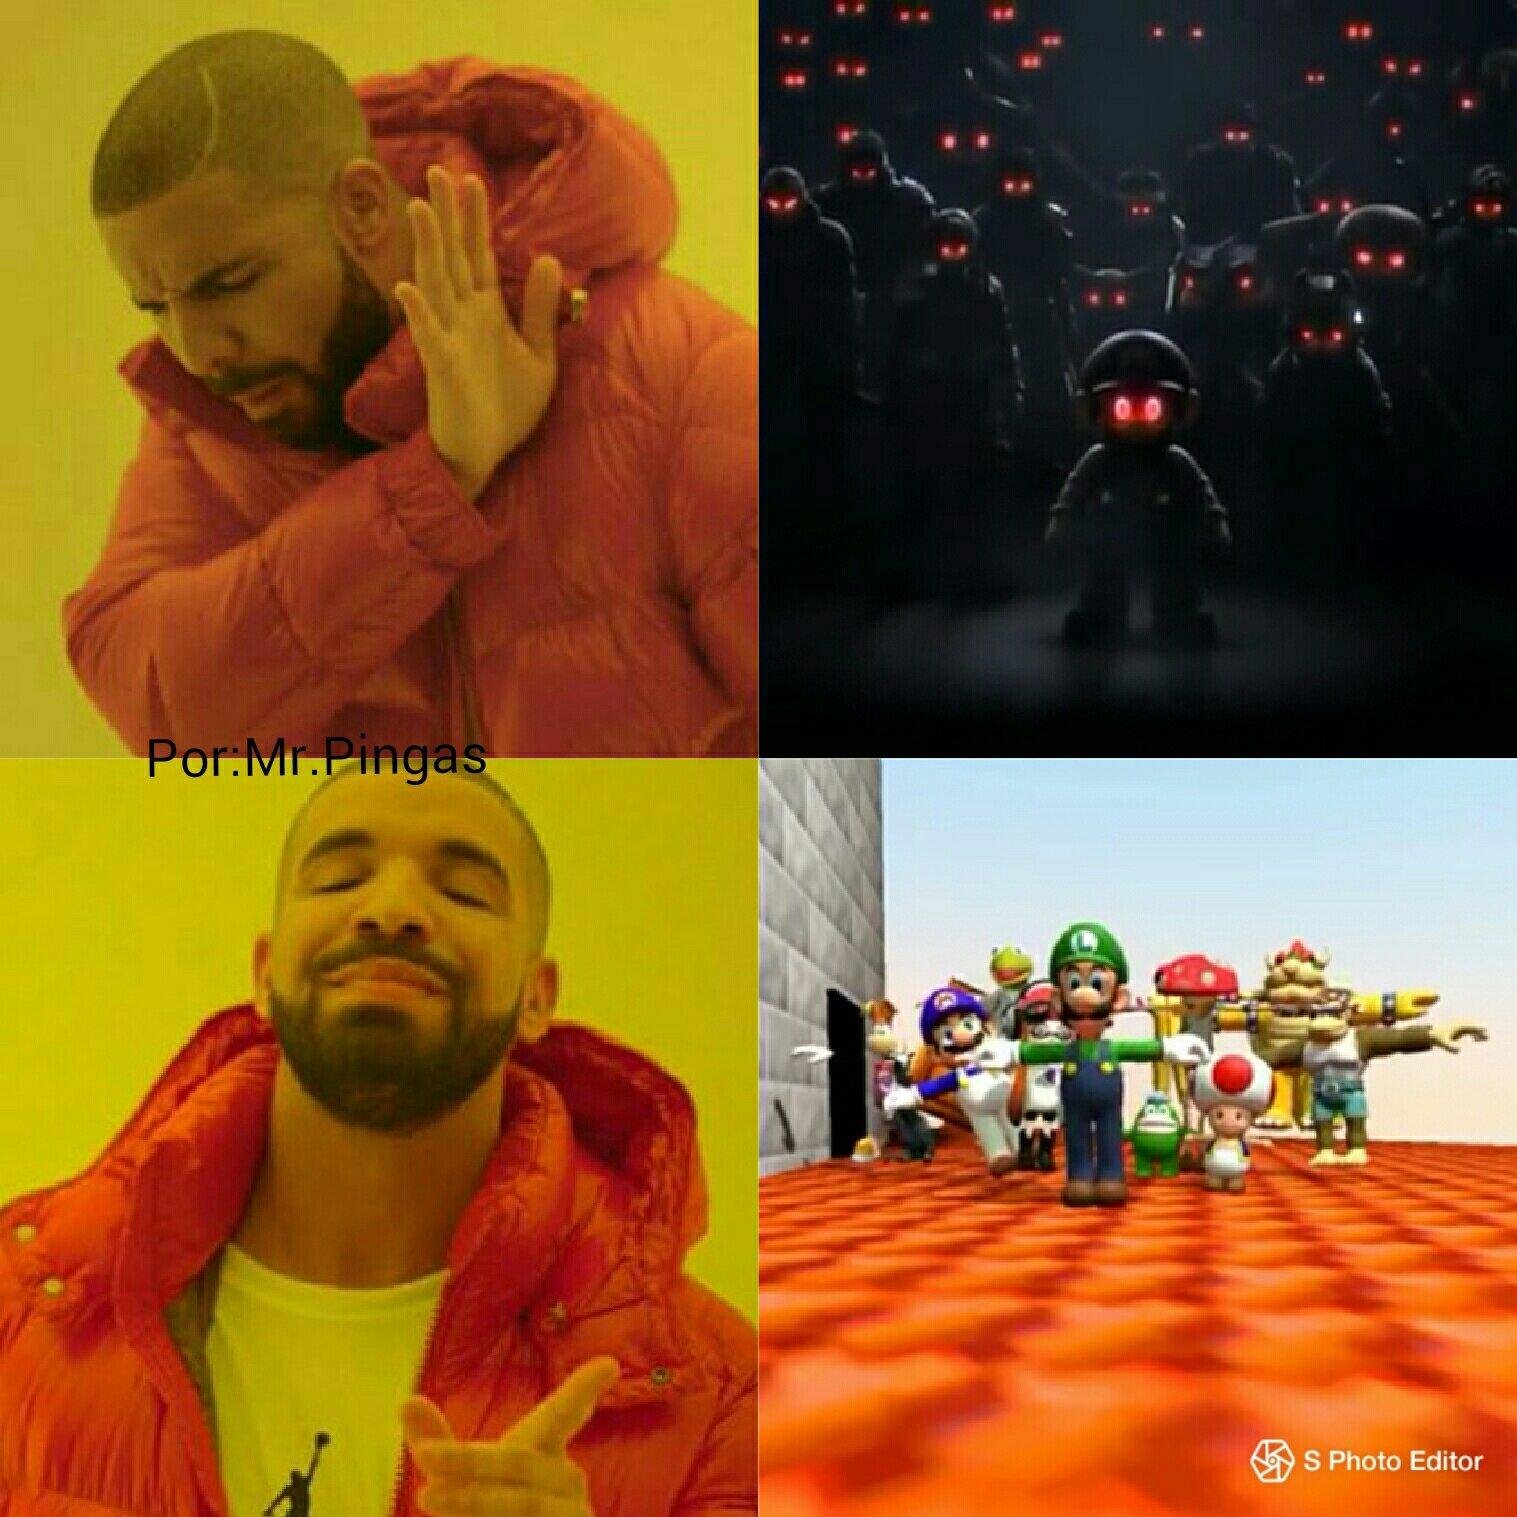 La invasión comienza - meme